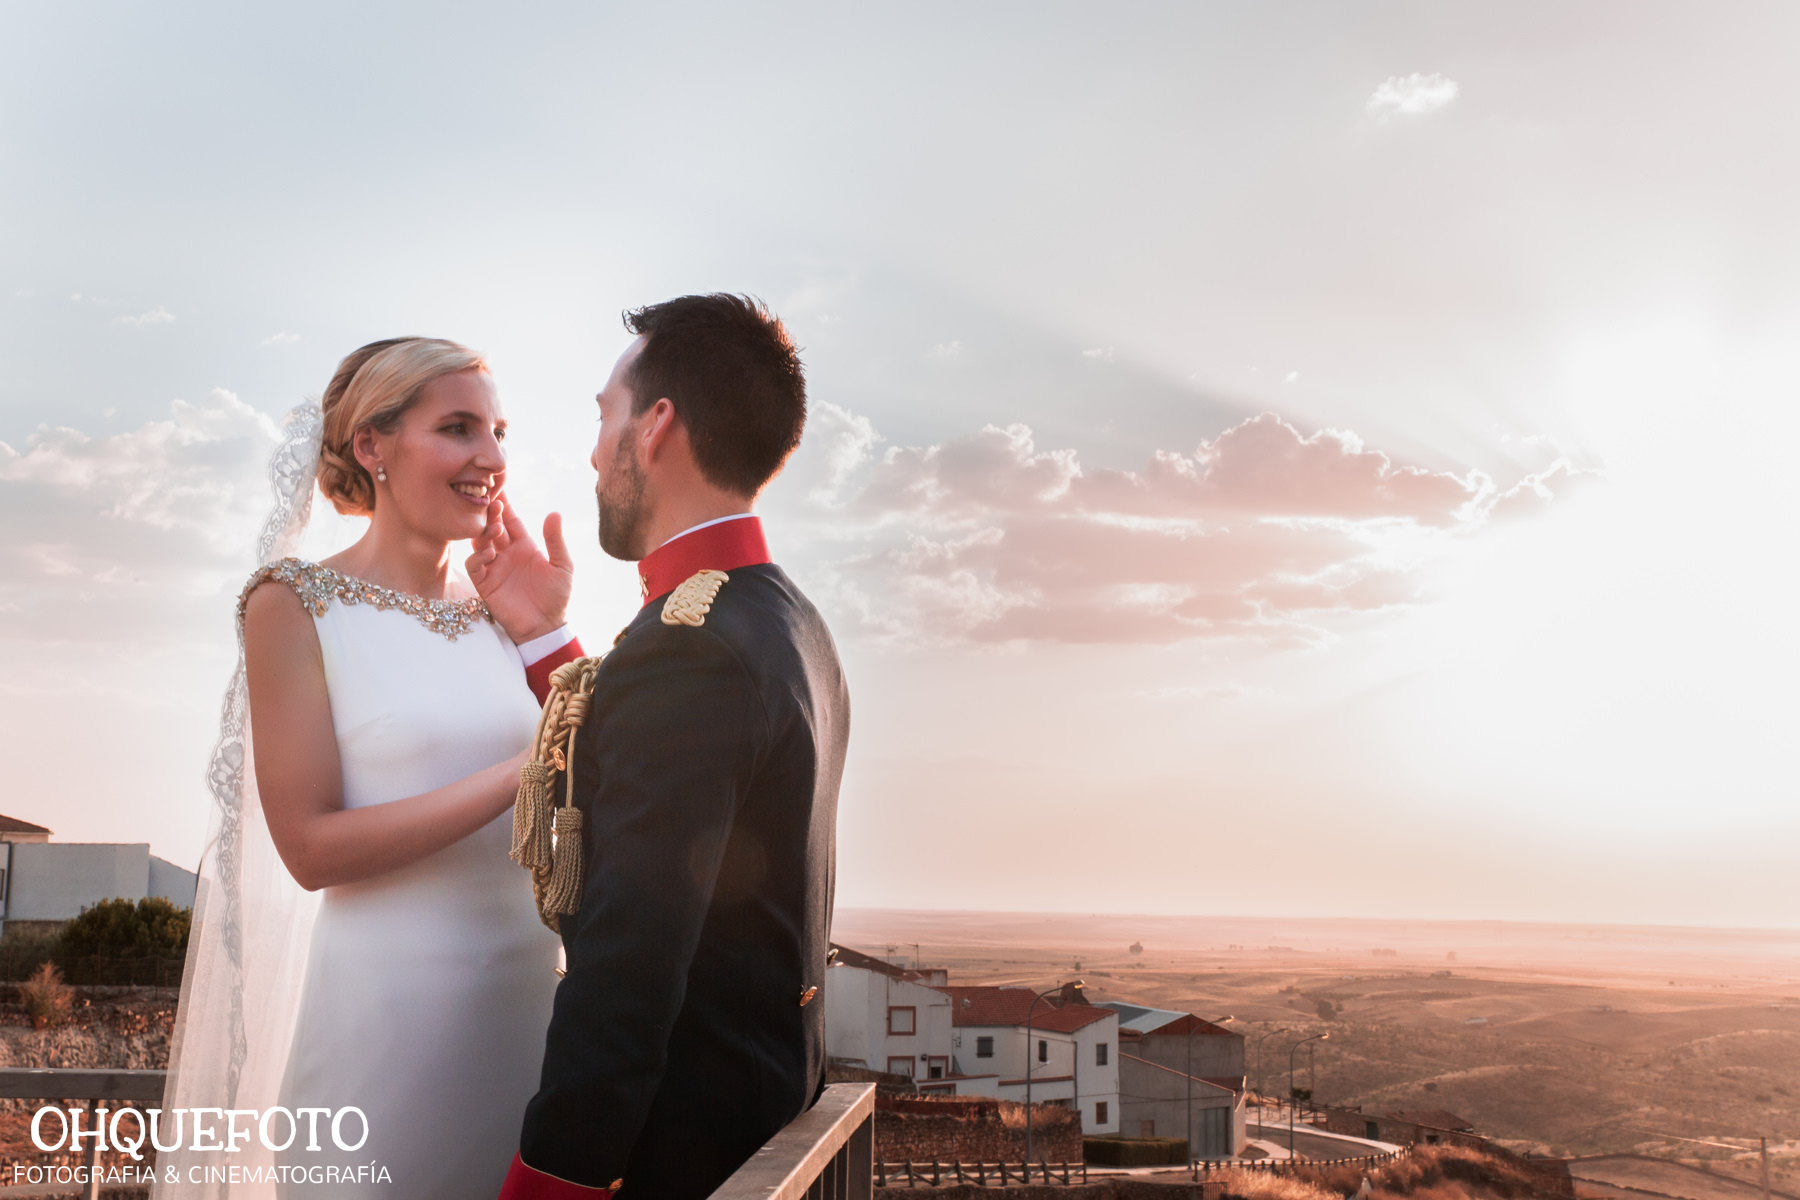 boda en la peraleda boda en cabeza del buey boda en capilla reportaje de bodas en almaden video de bodas en cordoba465 - Jose y Gema - Boda en Zarza Capilla y la Finca La Peraleda (Chillón)